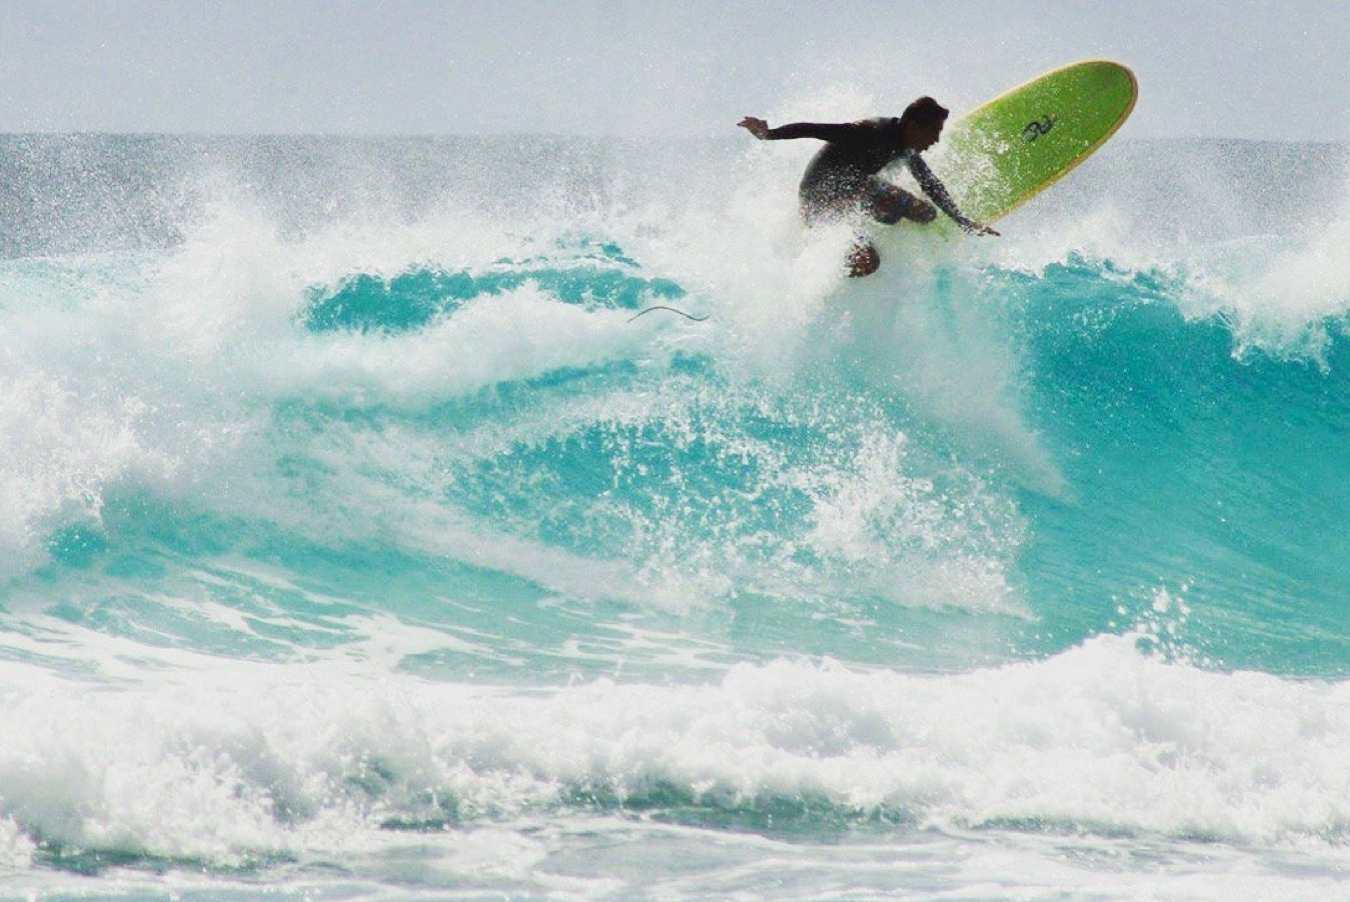 barbados_surfing